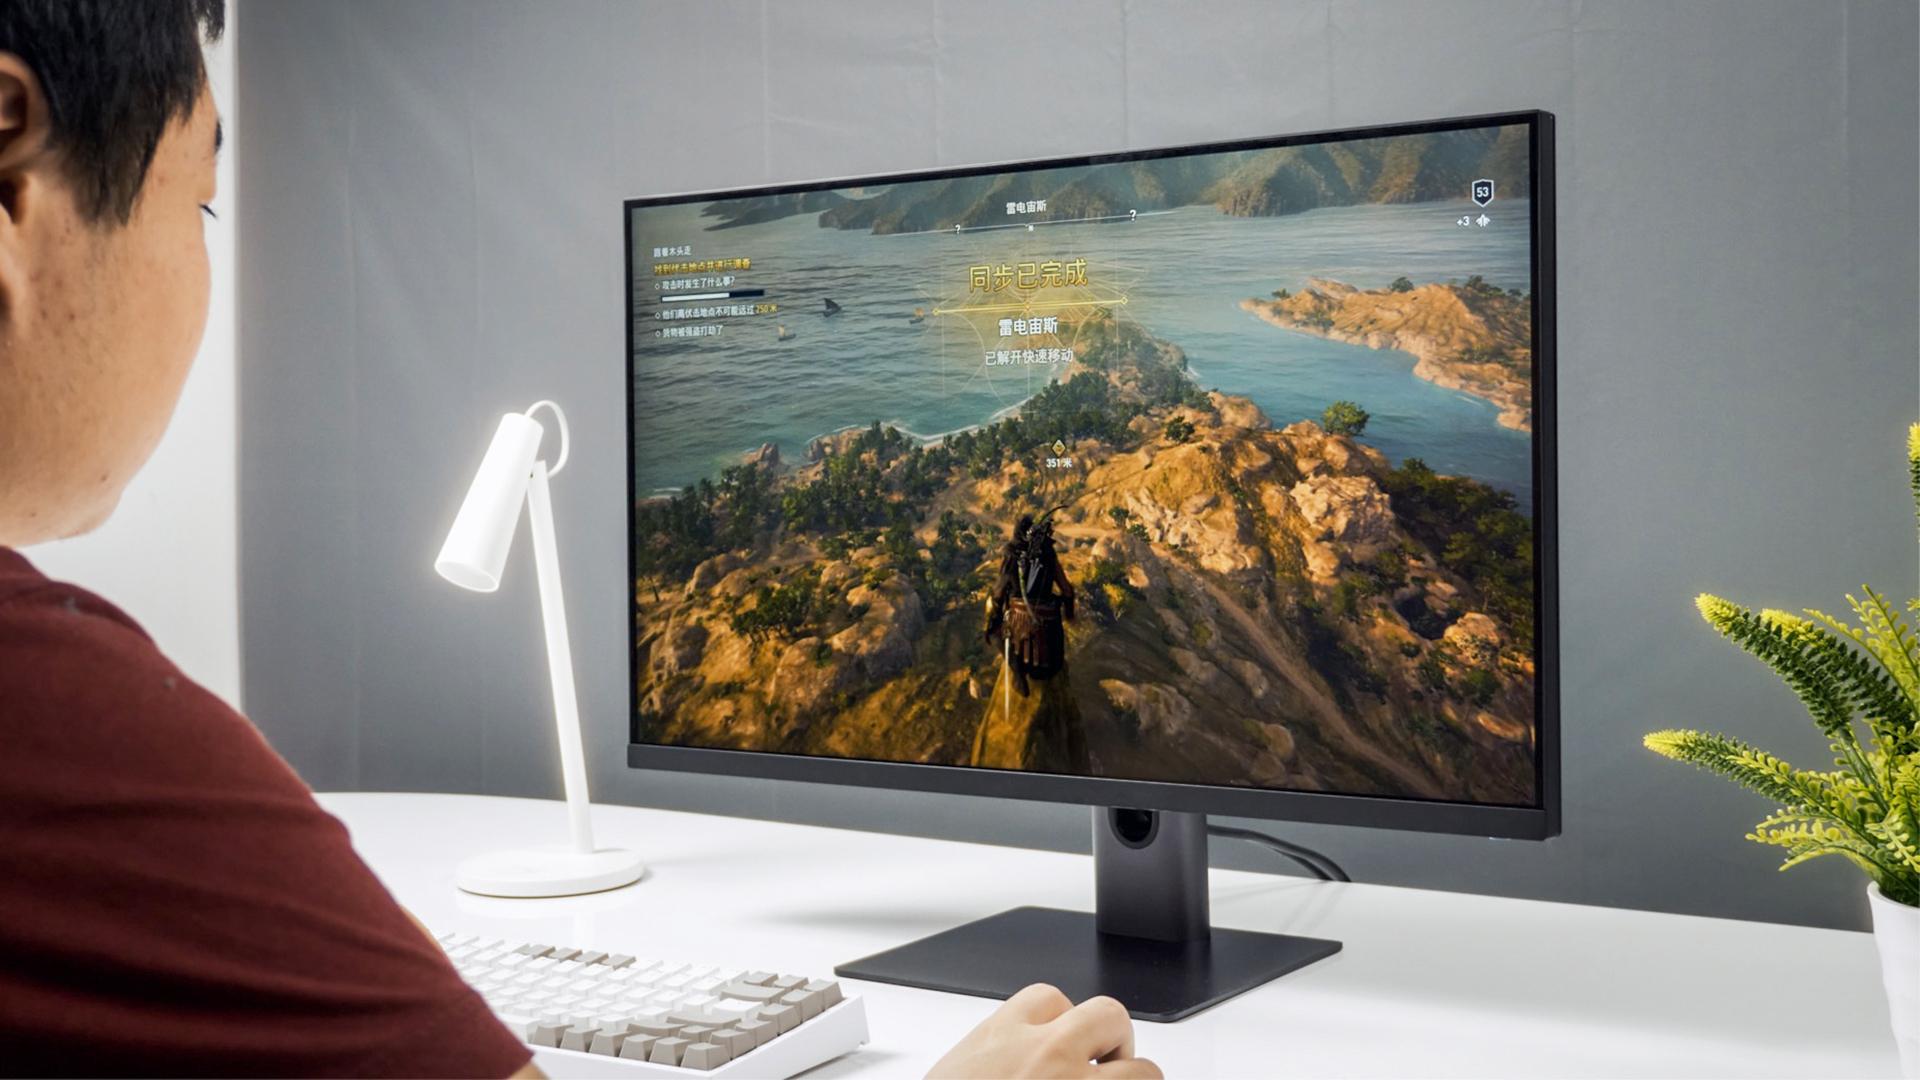 2K价位最值得买的显示器?小米27英寸电竞显示器评测